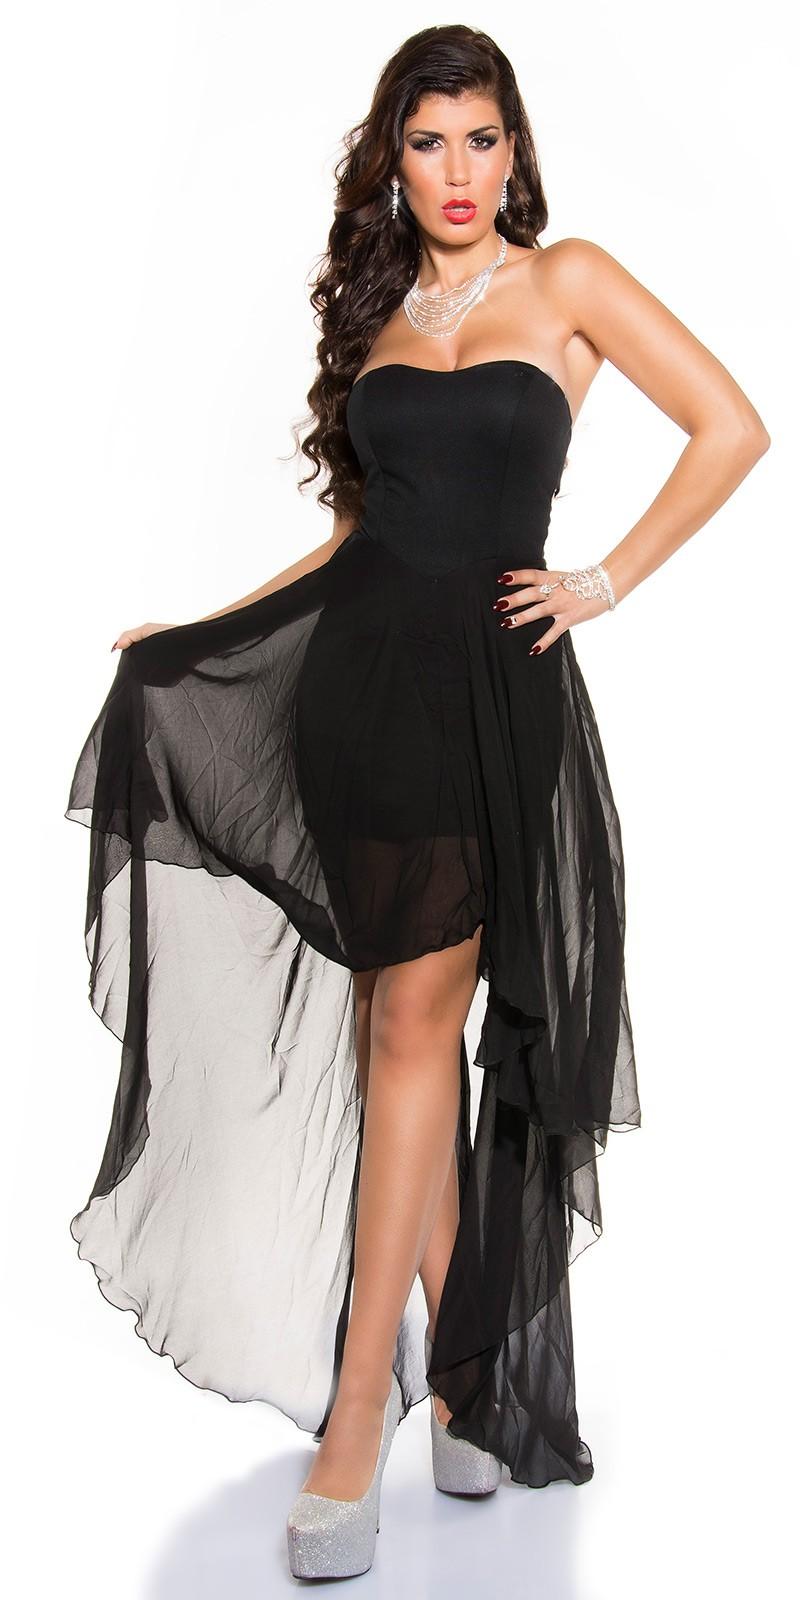 Muszlin szoknyás elöl rövid hátul hosszú női alkalmi ruha - fekete (S M 763d1d7bcc